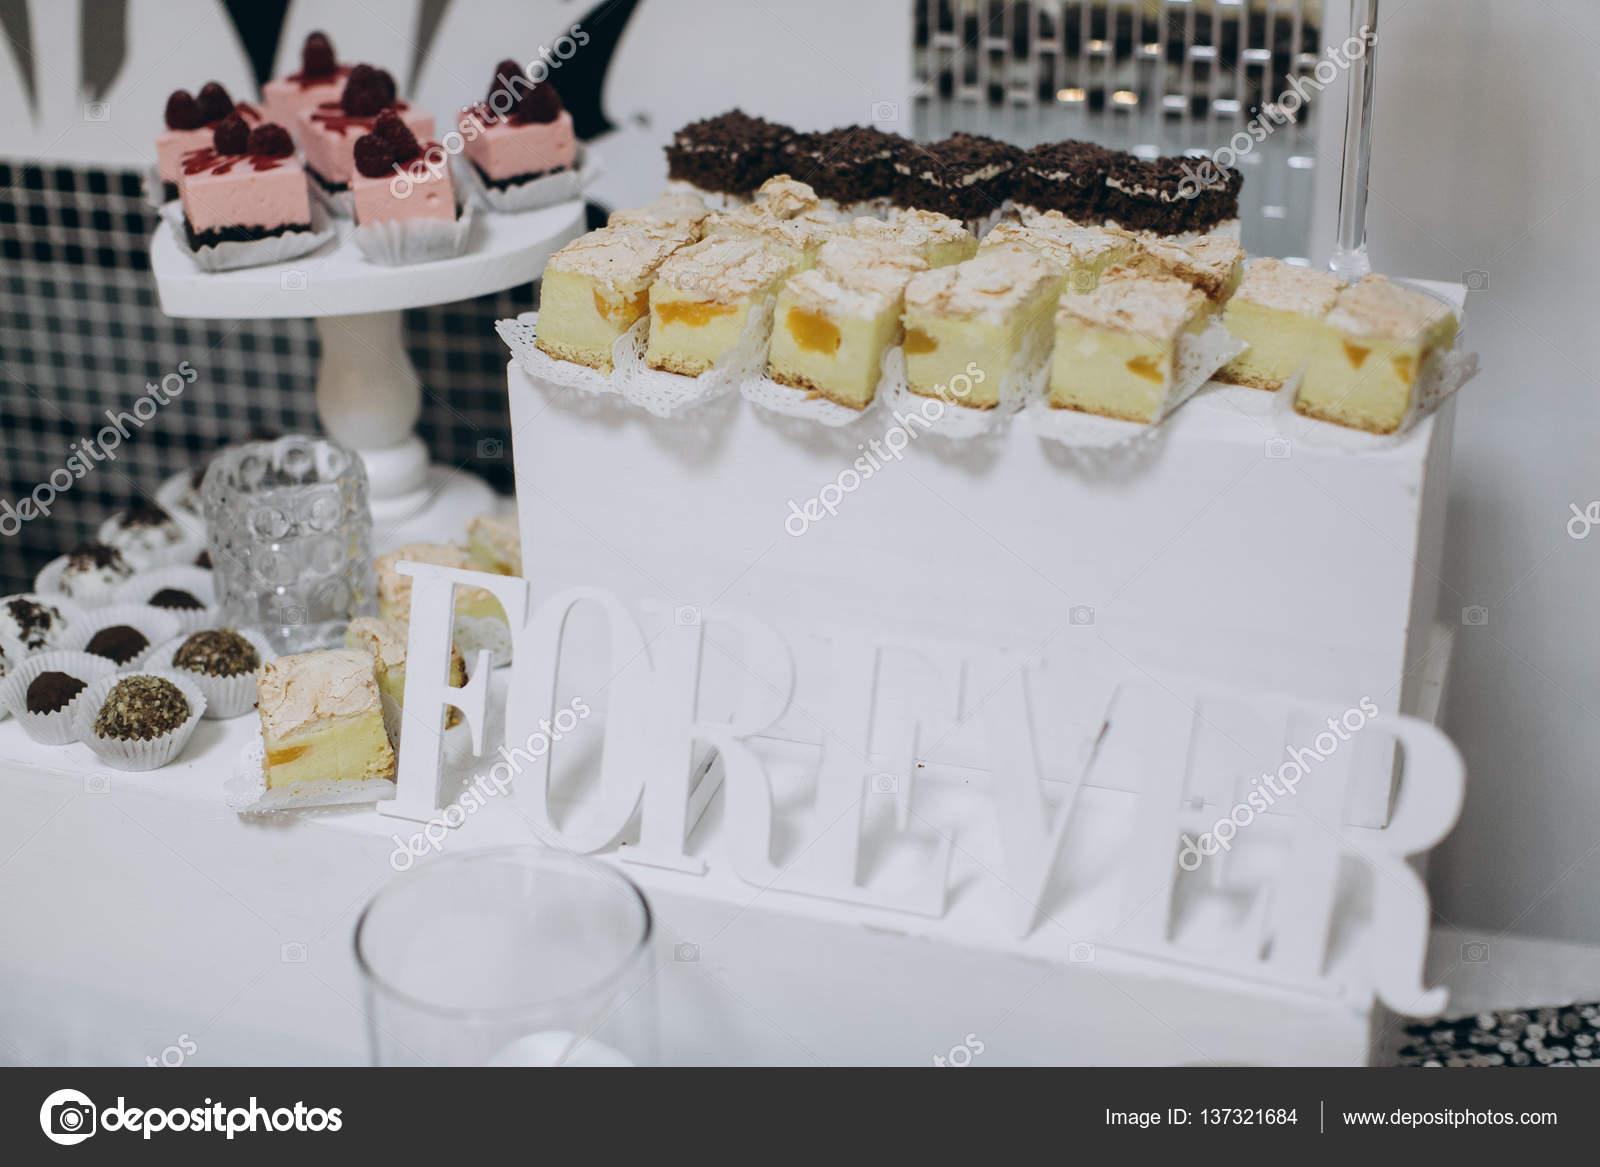 Schone Hochzeitstorten Stockfoto C Anatoliycherkas 137321684